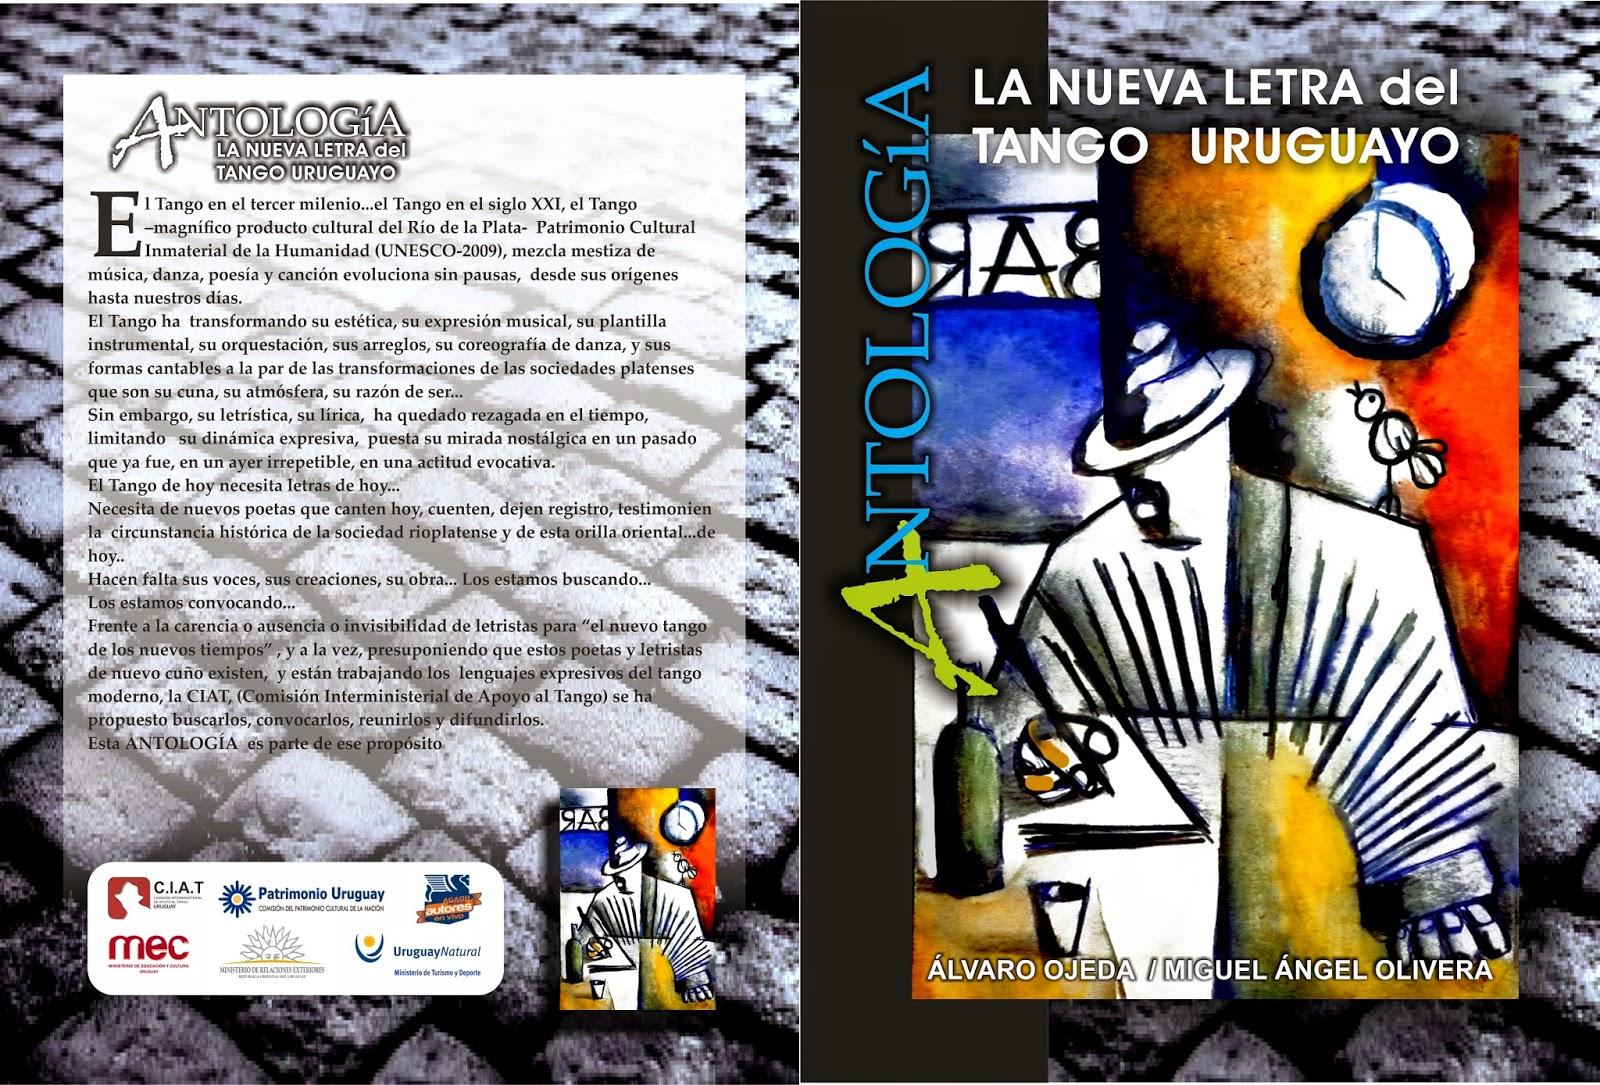 d8be30177 LA NUEVA LETRA DEL TANGO URUGUAYO